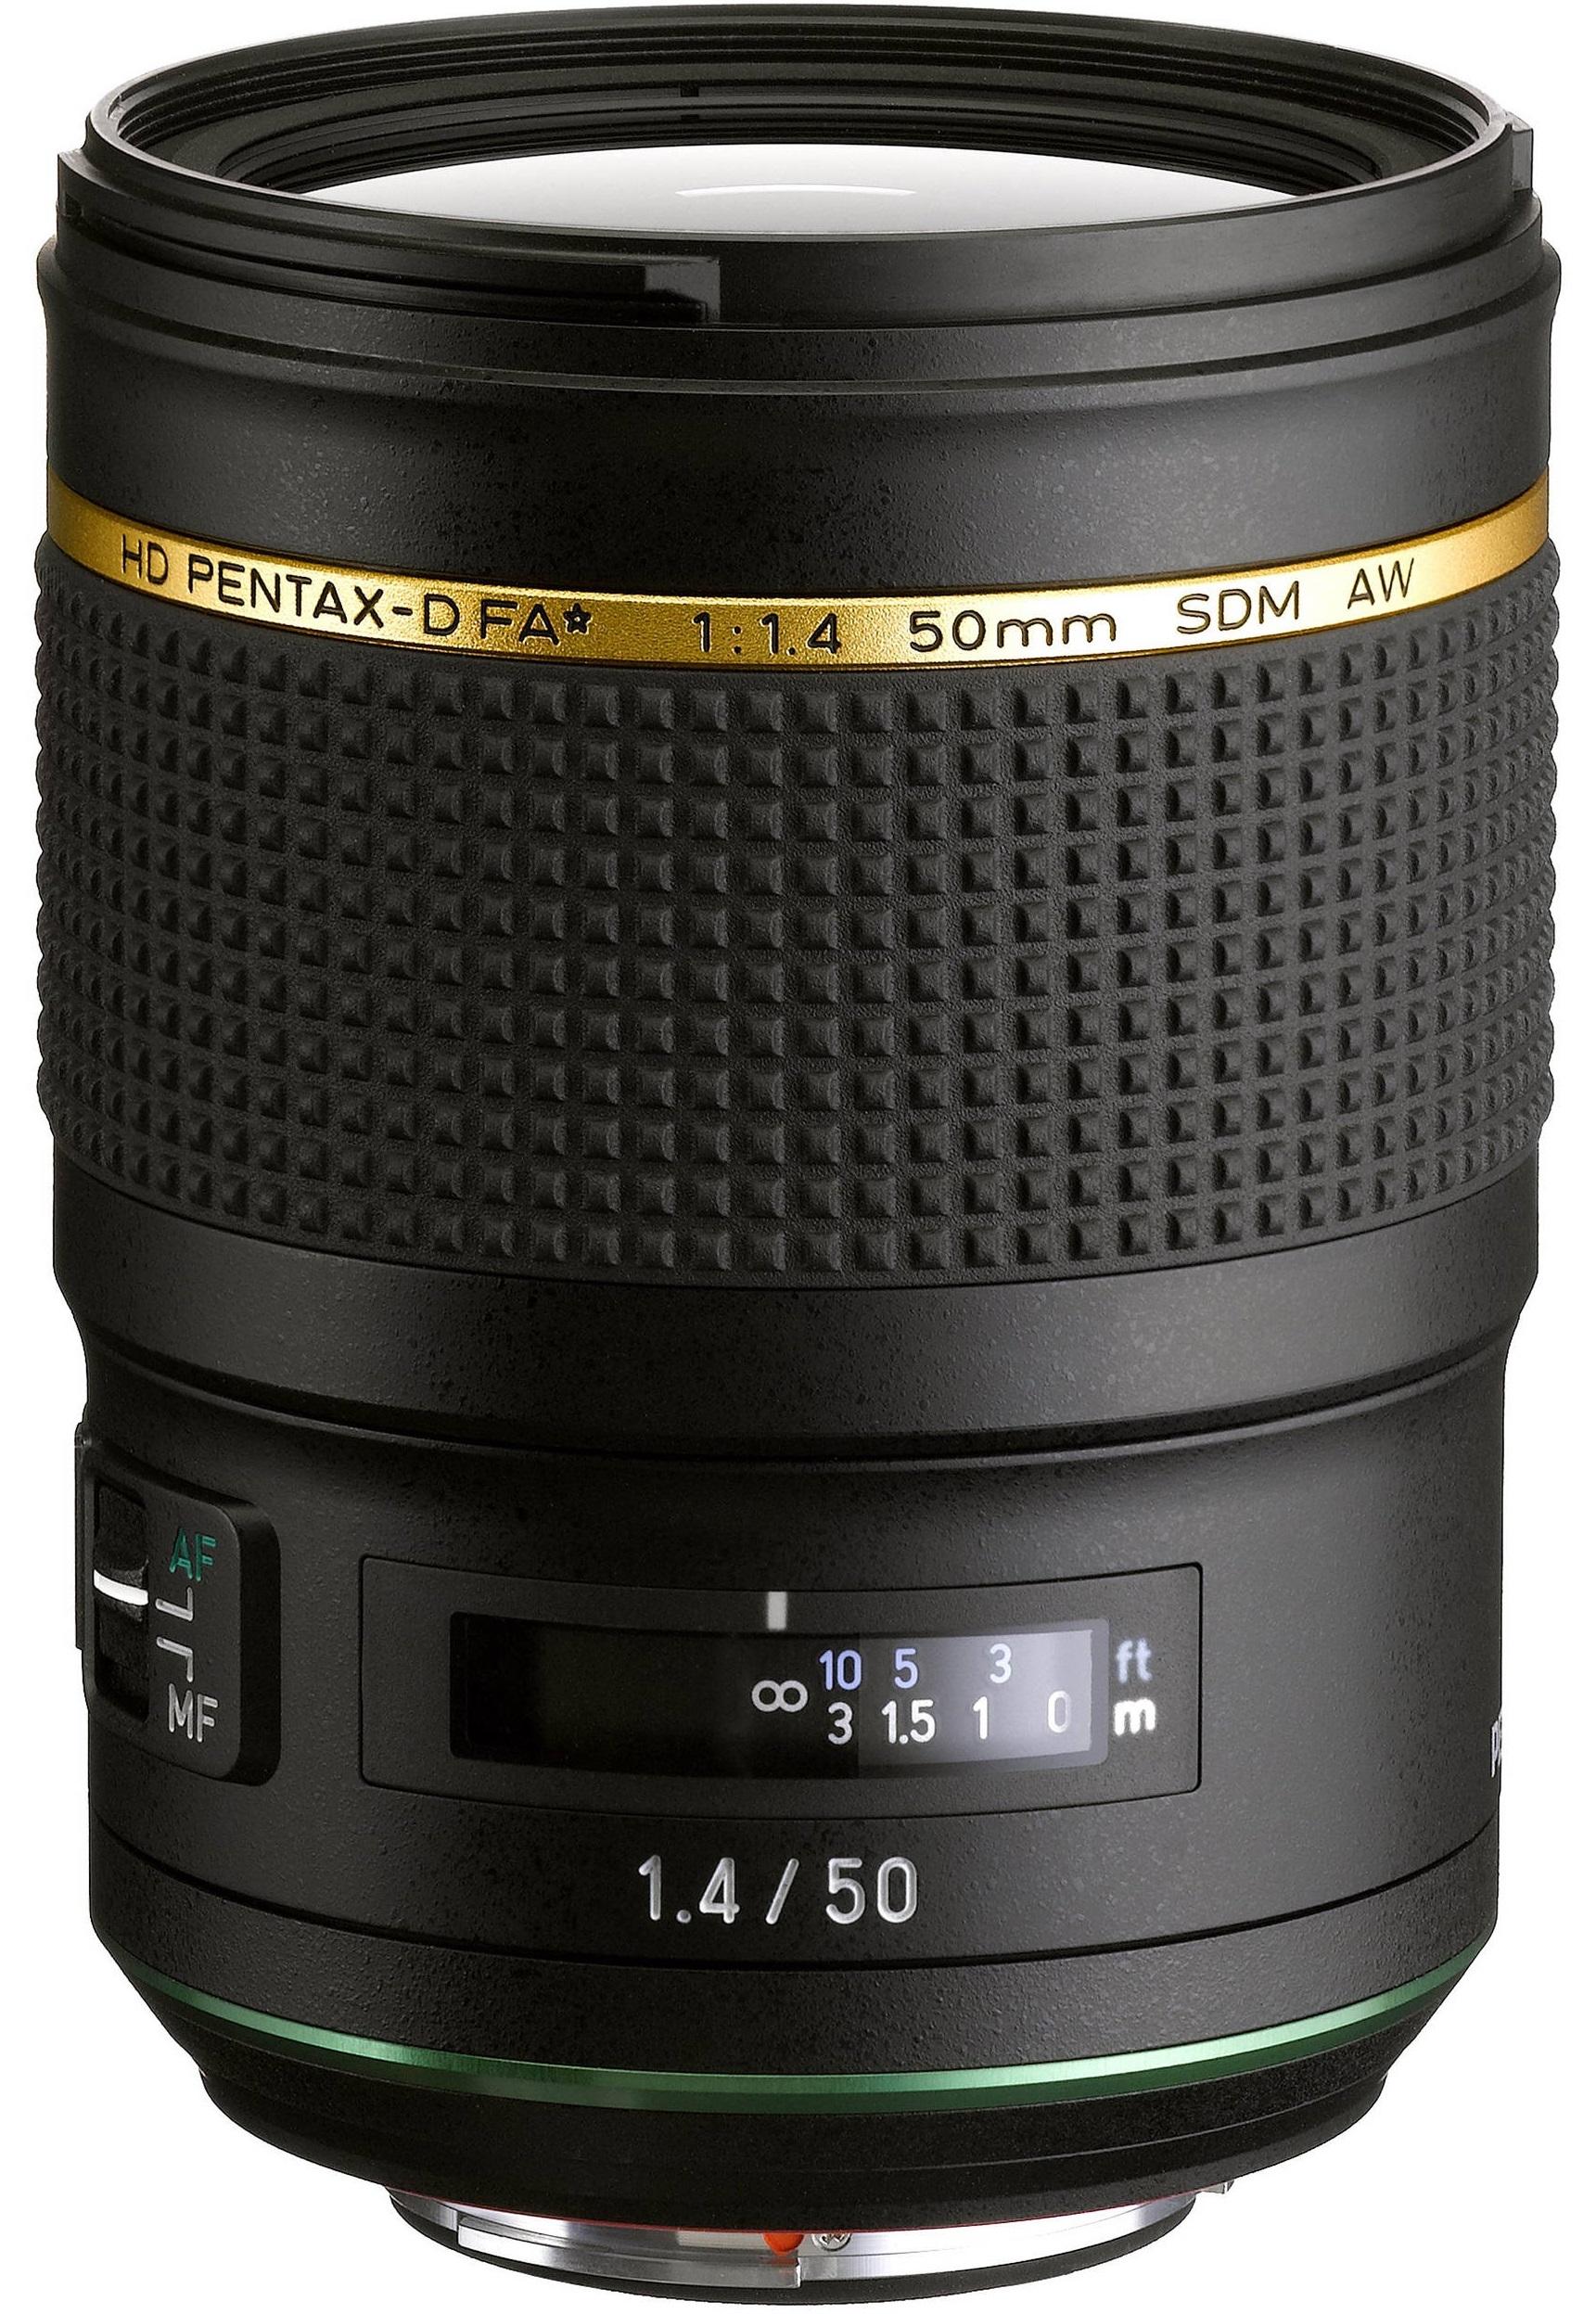 PENTAX 50 mm f/1,4 HD D-FA* SDM AW